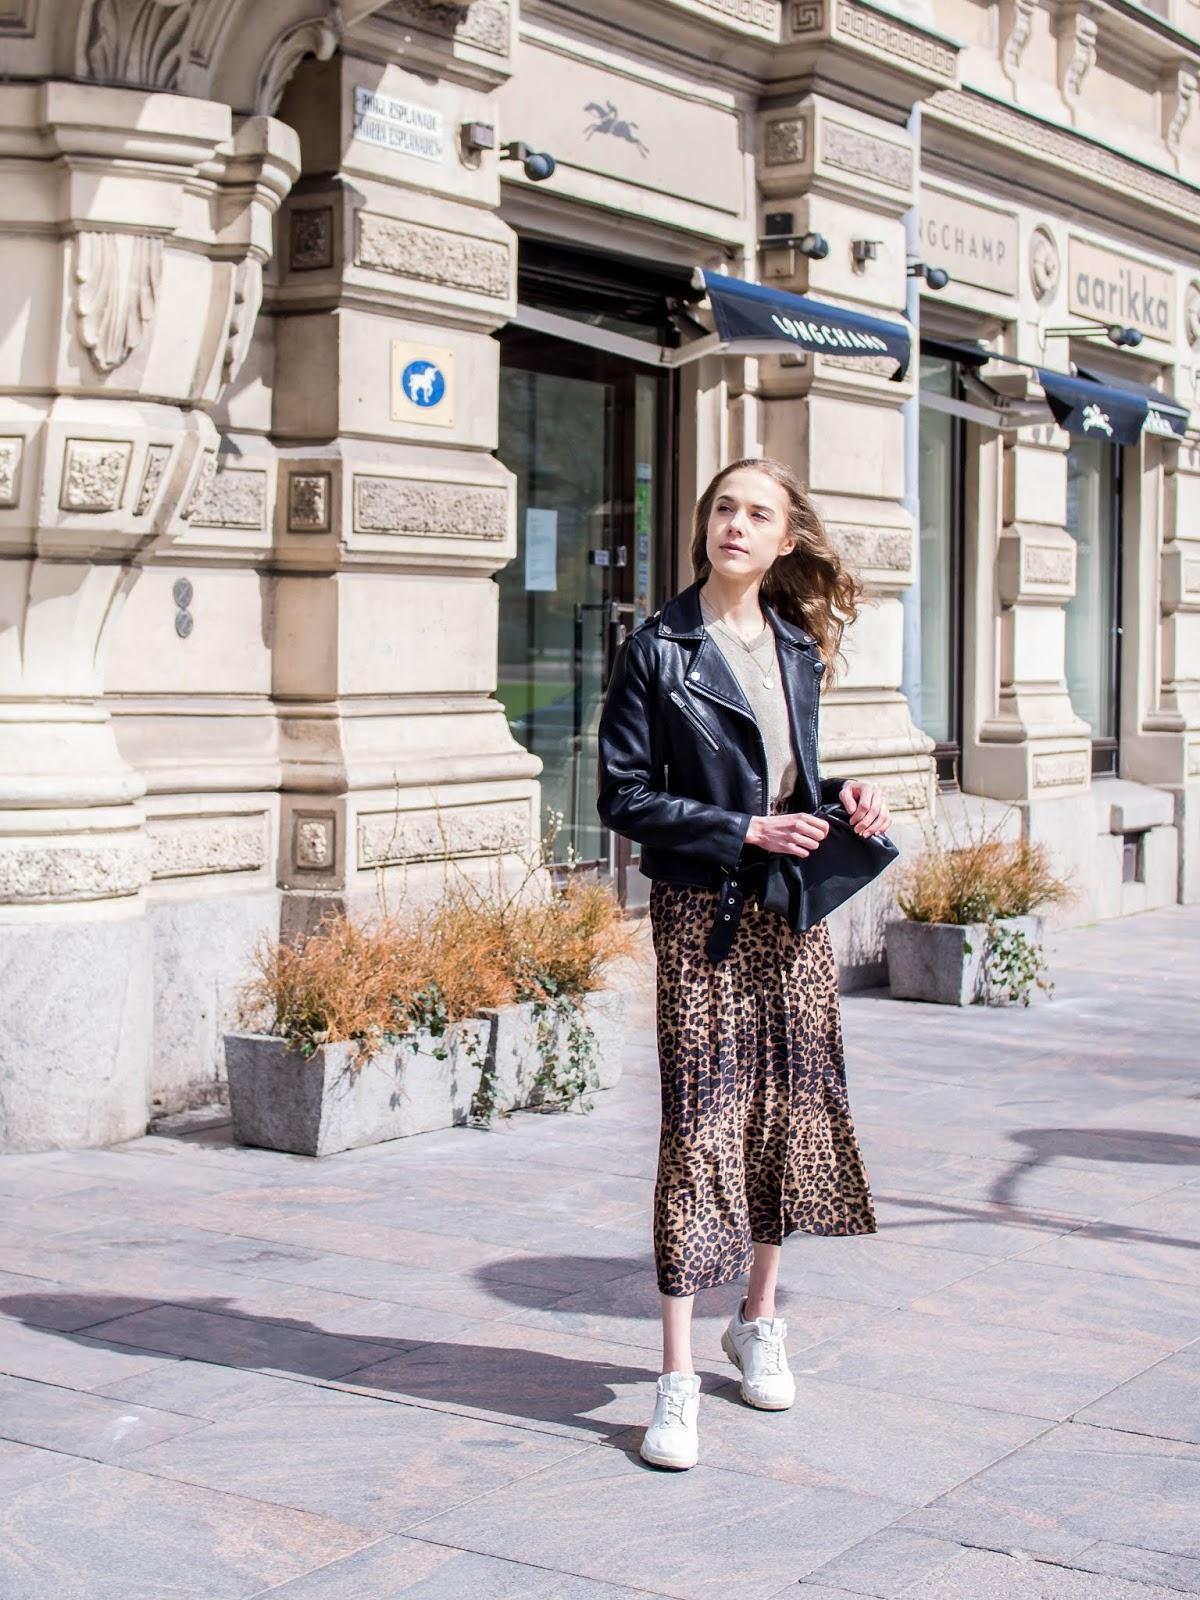 Fashion blogger spring outfit inspiration, leopard print midi skirt - Muotibloggaaja, kevätmuoti, asuinspiraatio, leopardihame